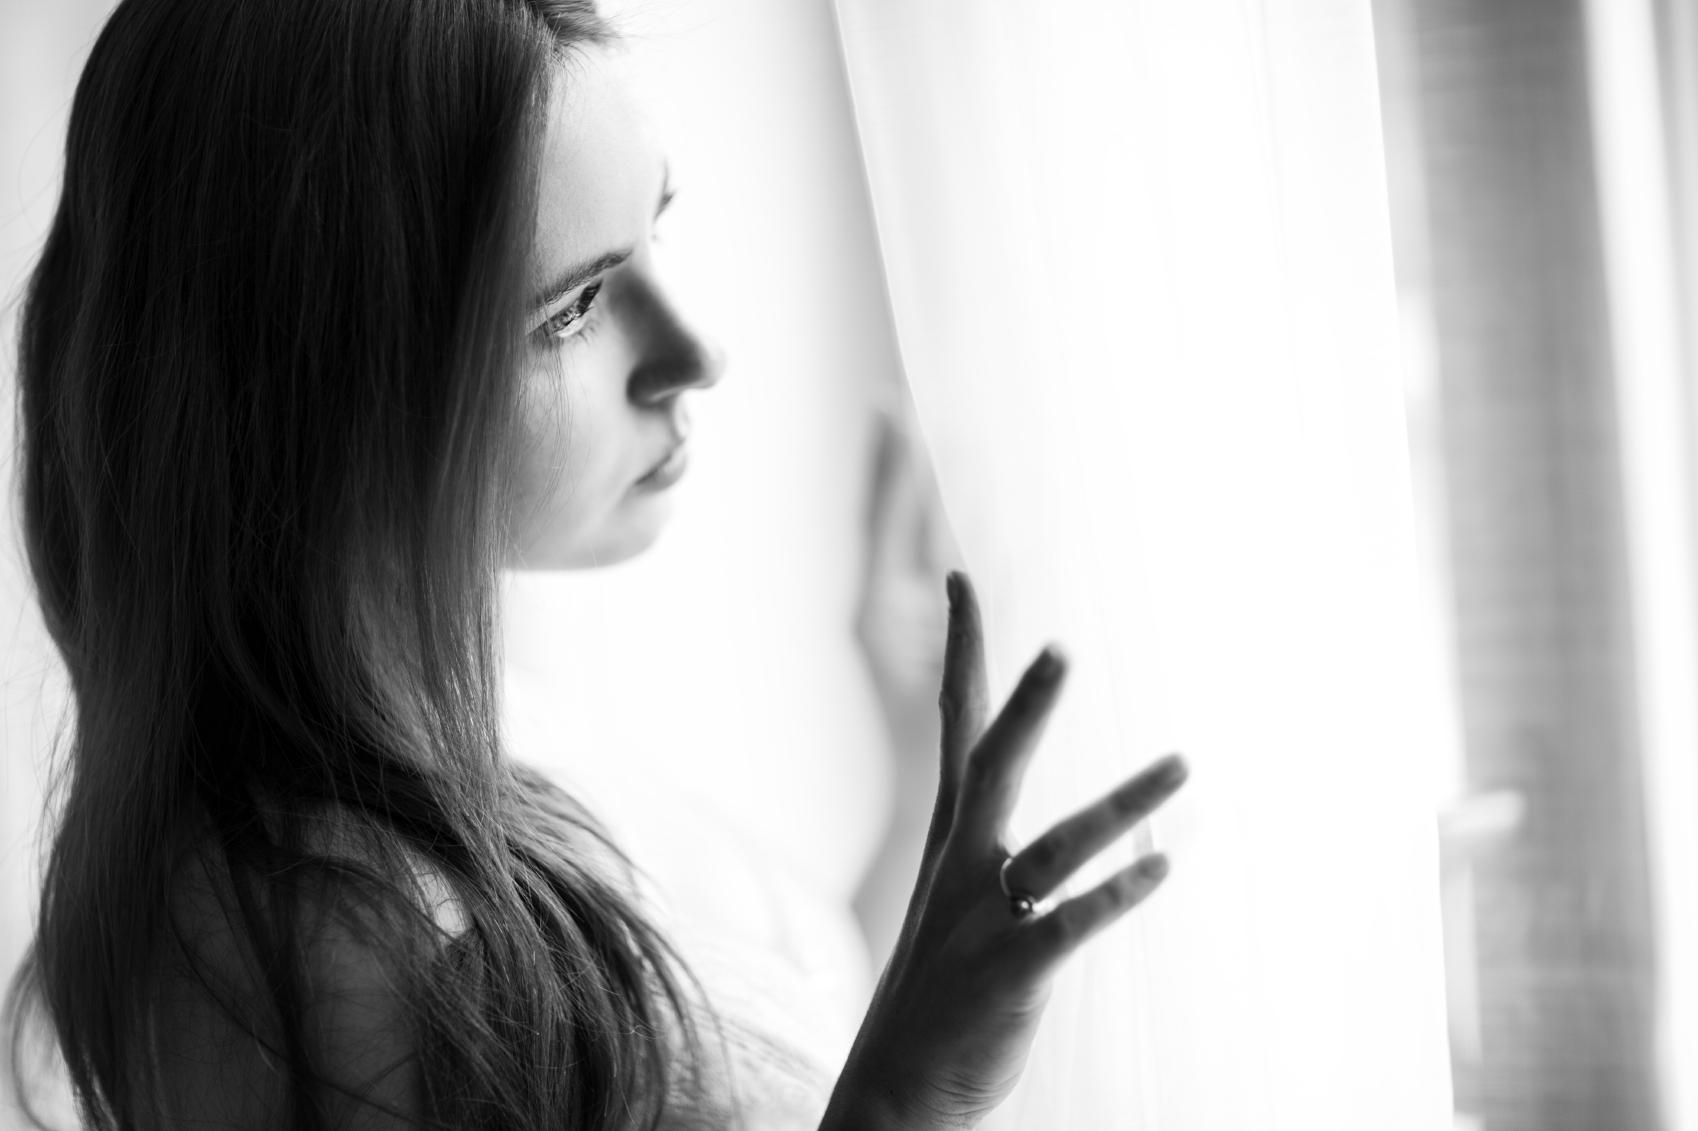 Psicologa depressione Roma